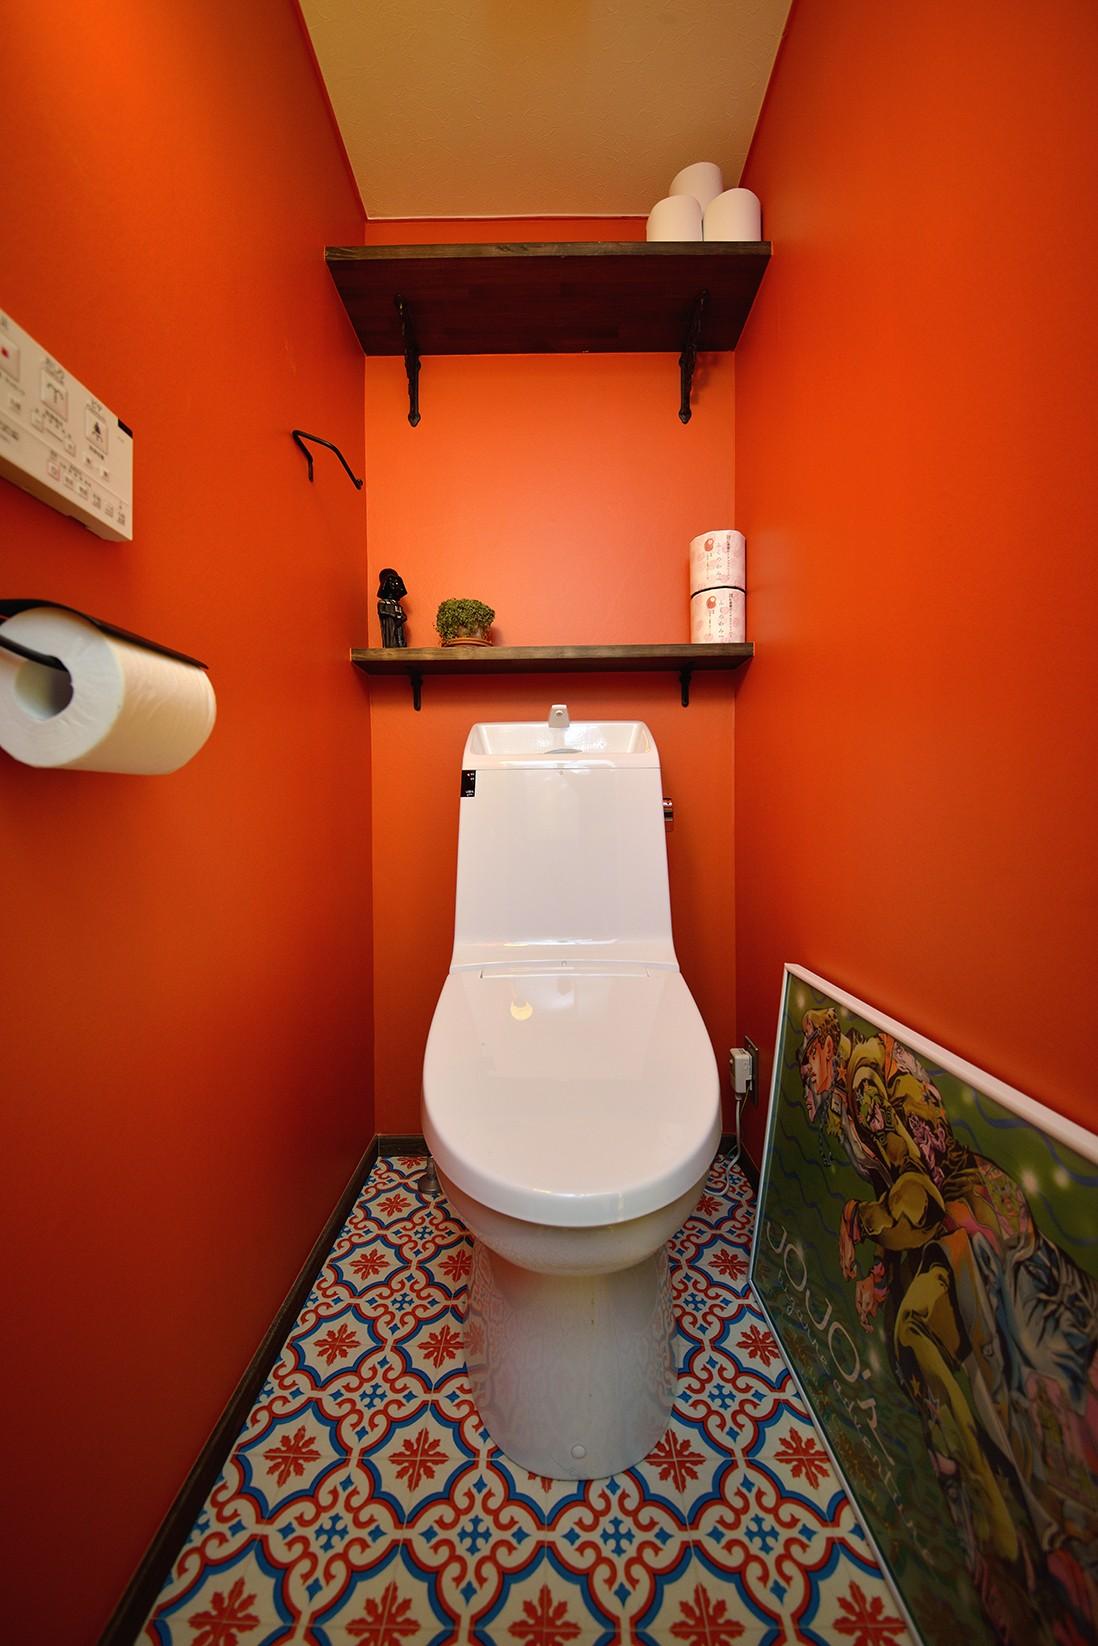 バス/トイレ事例:鮮やかなオレンジカラーのトイレ(リノベーションで思いどおりの住まい)